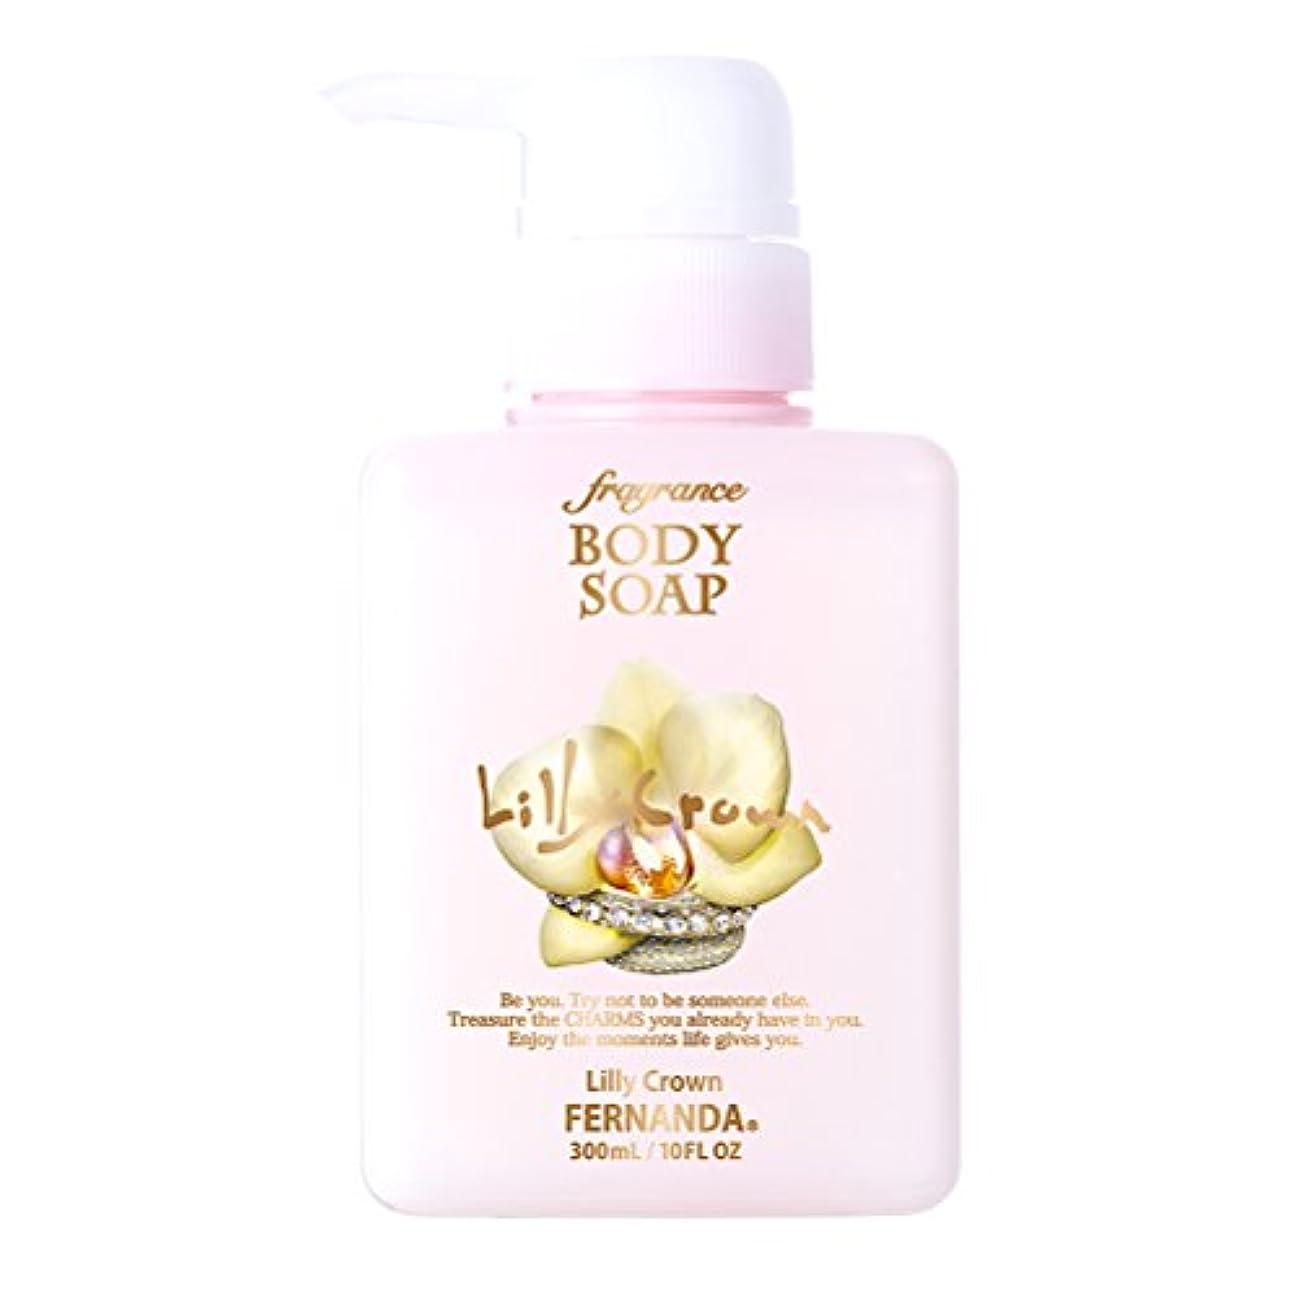 毎月きらきら爆発物FERNANDA(フェルナンダ) Fragrance Body Soap Lilly Crown (ボディソープ リリークラウン)